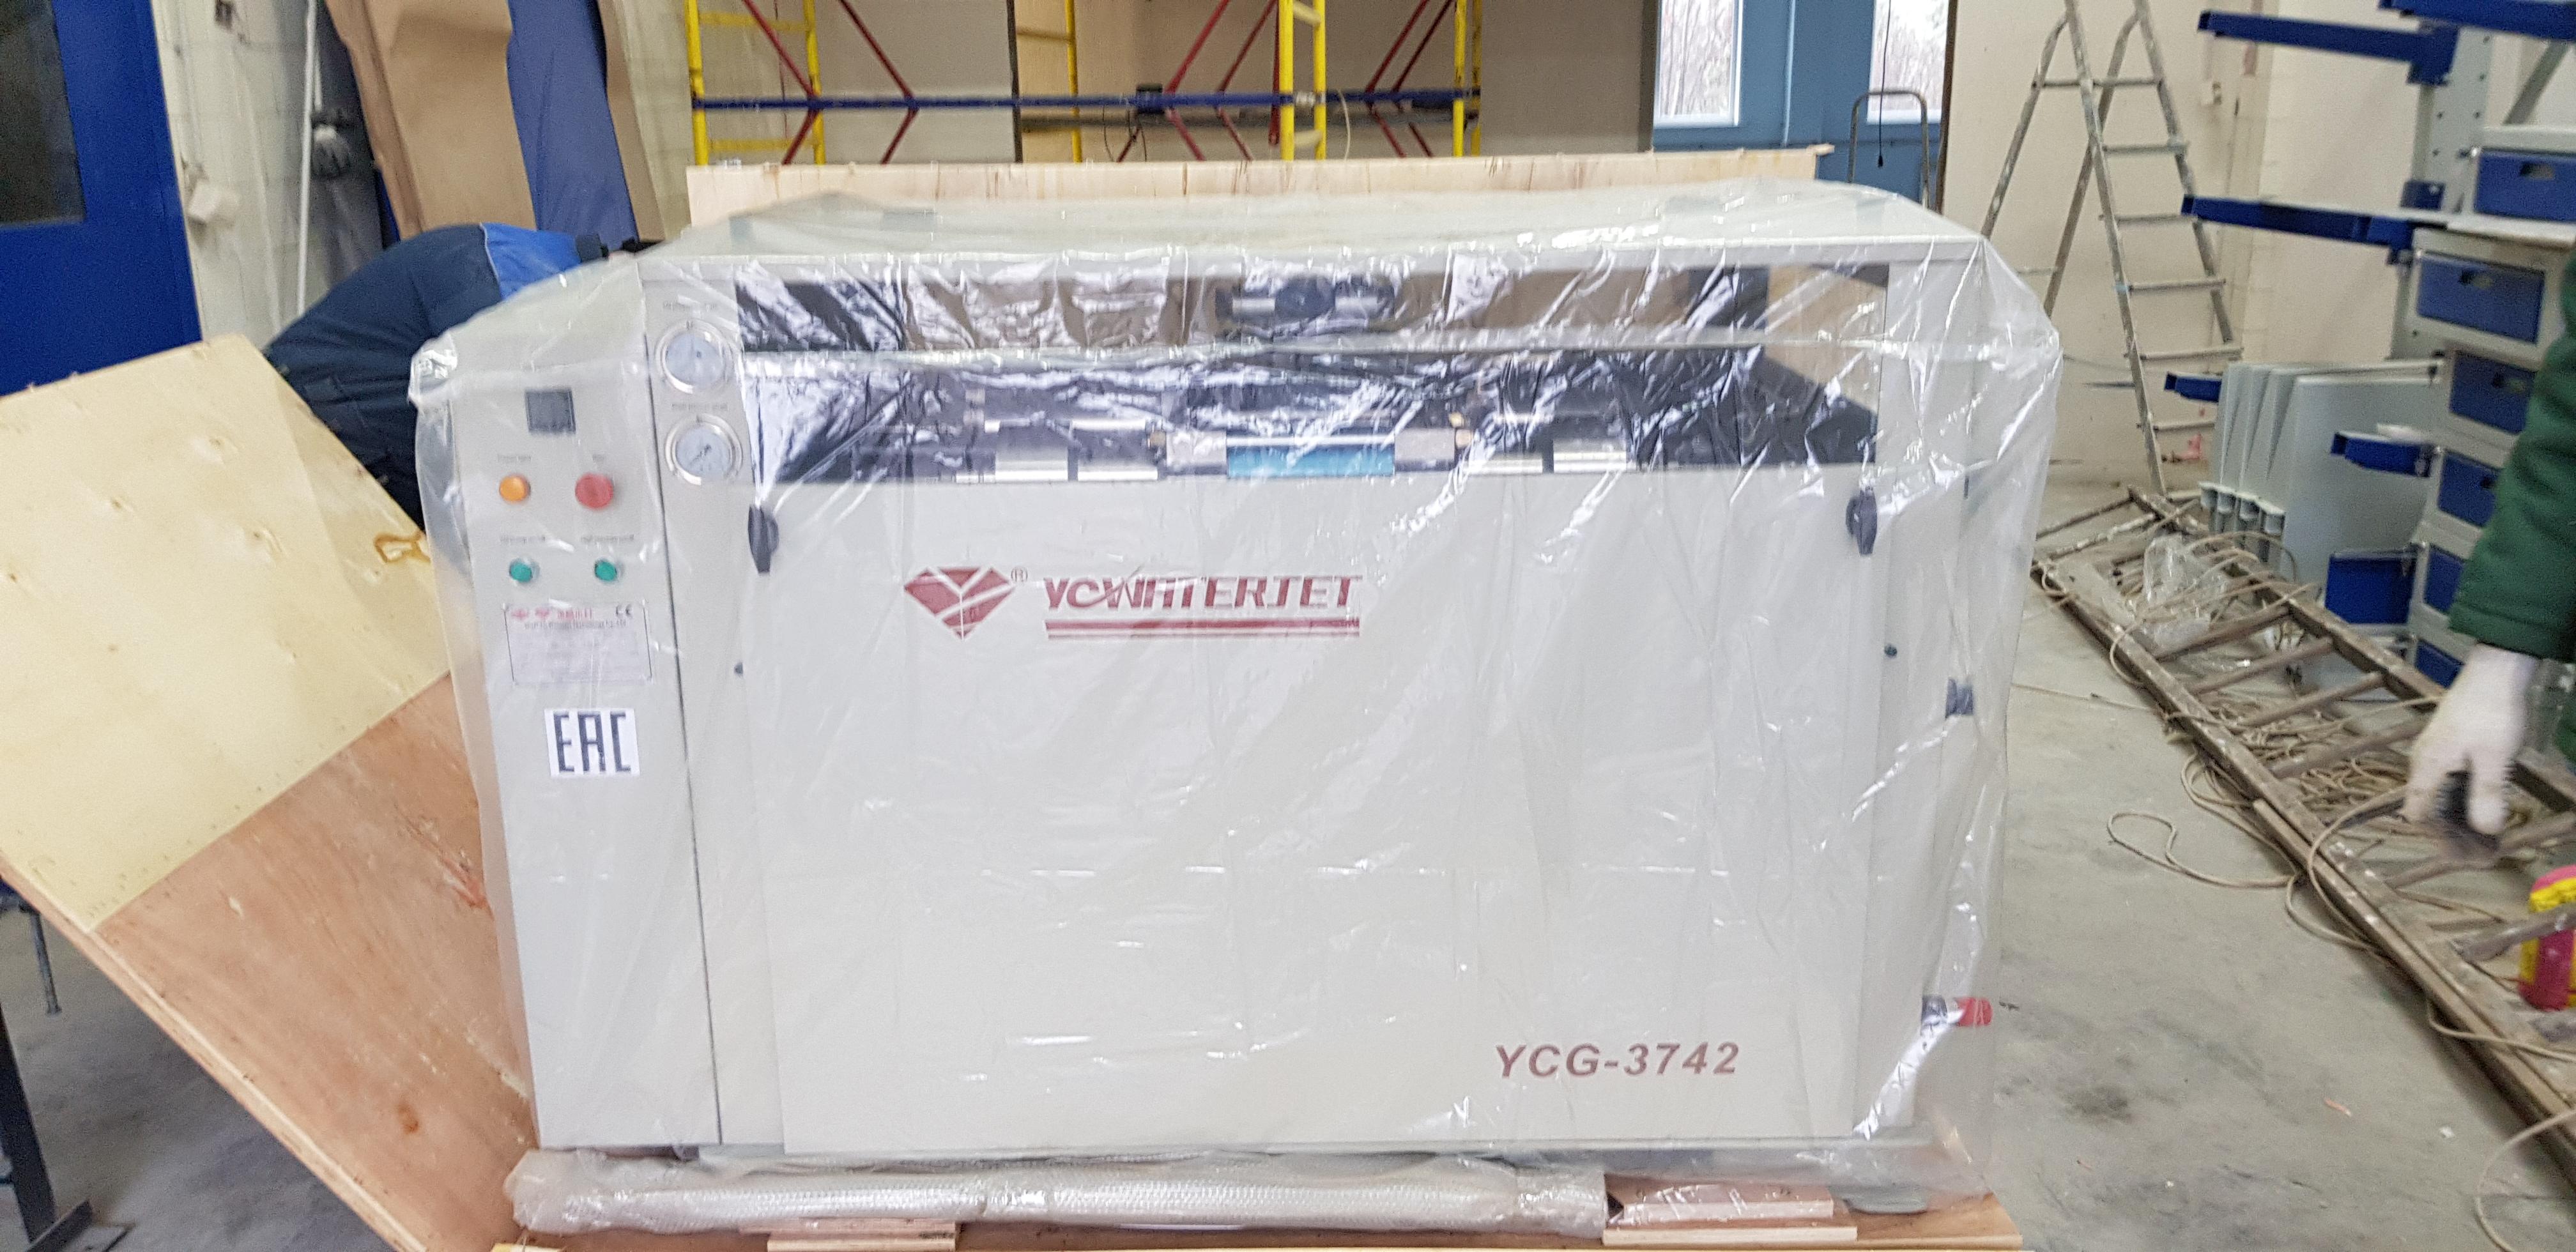 20181109 103808 - Гидроабразивный станок с ЧПУ YC Waterjet